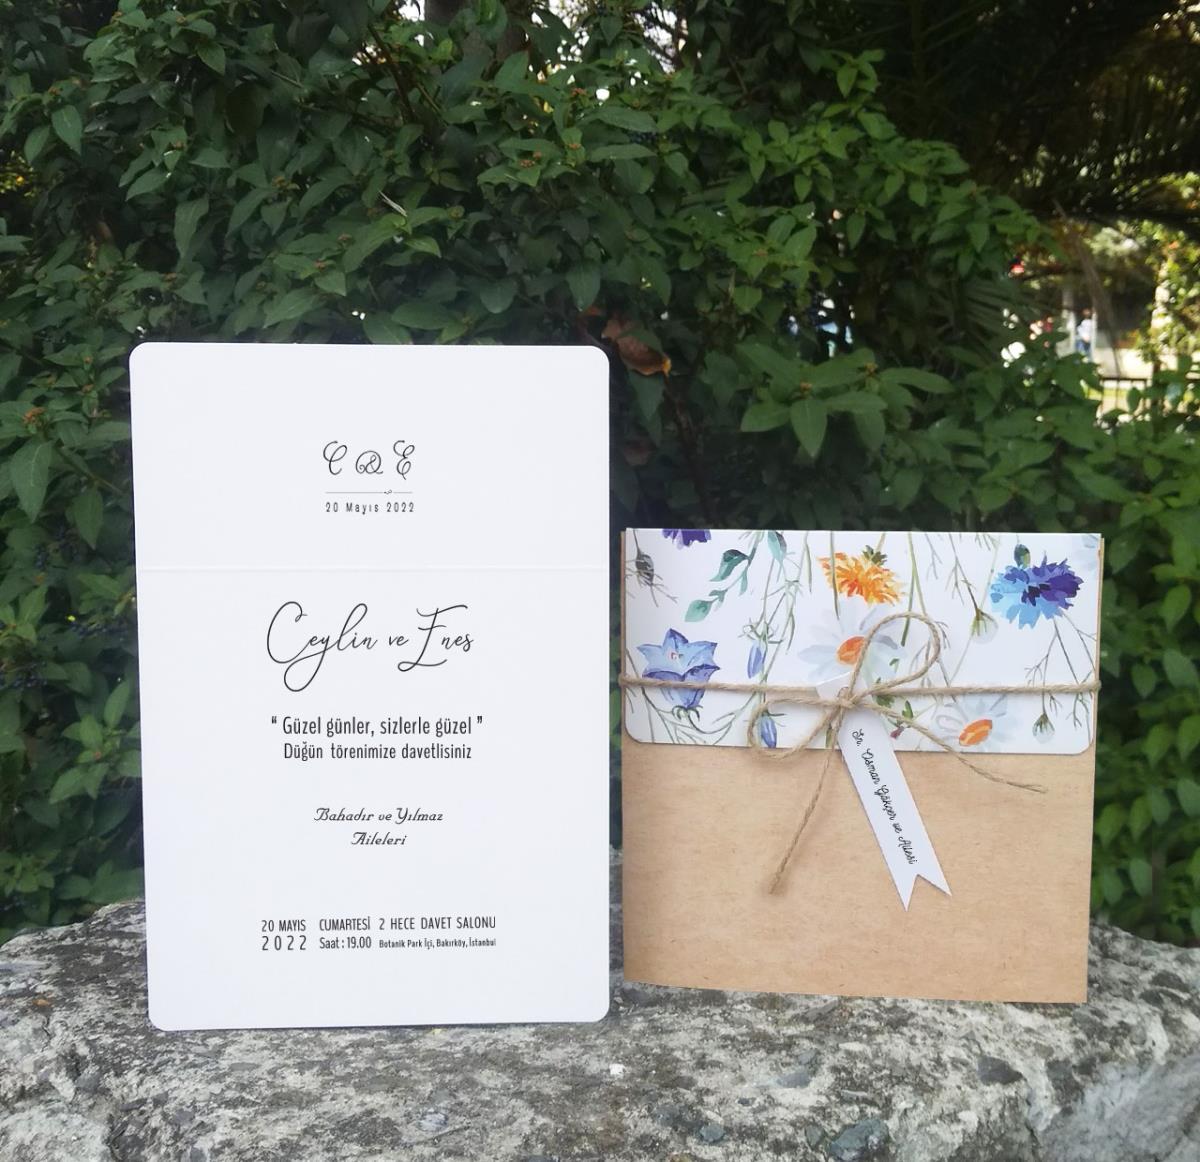 Kraft Cep Zarflı, Mavi Çiçek Motifli düğün davetiyesi. Vintage kesimli isimlik kart ve ham ip kullanılarak tasarlandı.